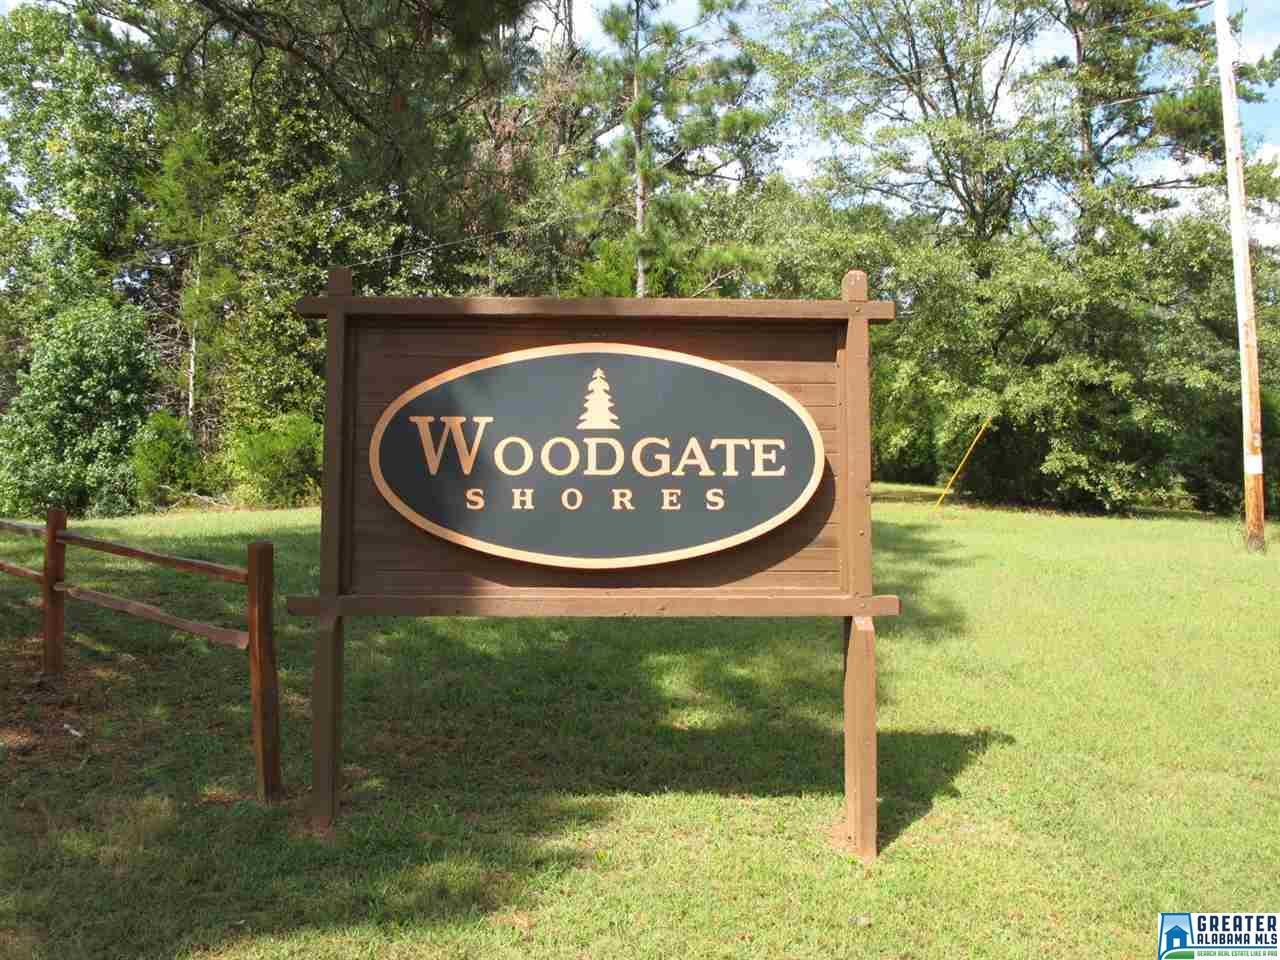 LOT 14 Woodgate Shores Dr - Photo 1